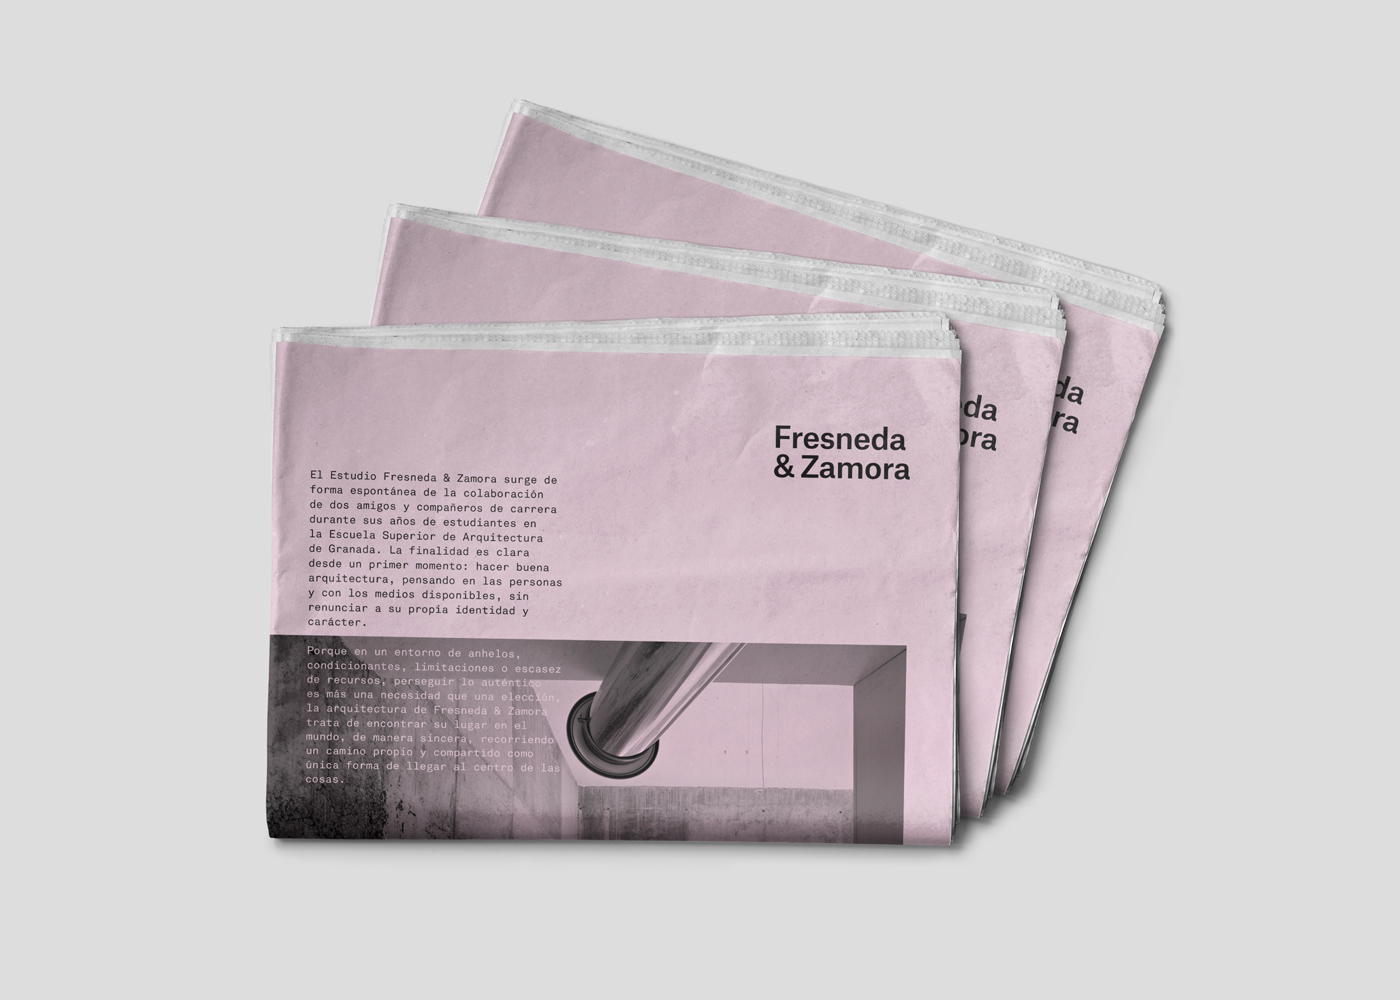 brand design editorial design  architecture Fresneda & Zamora arquitectura granada identity Plácida